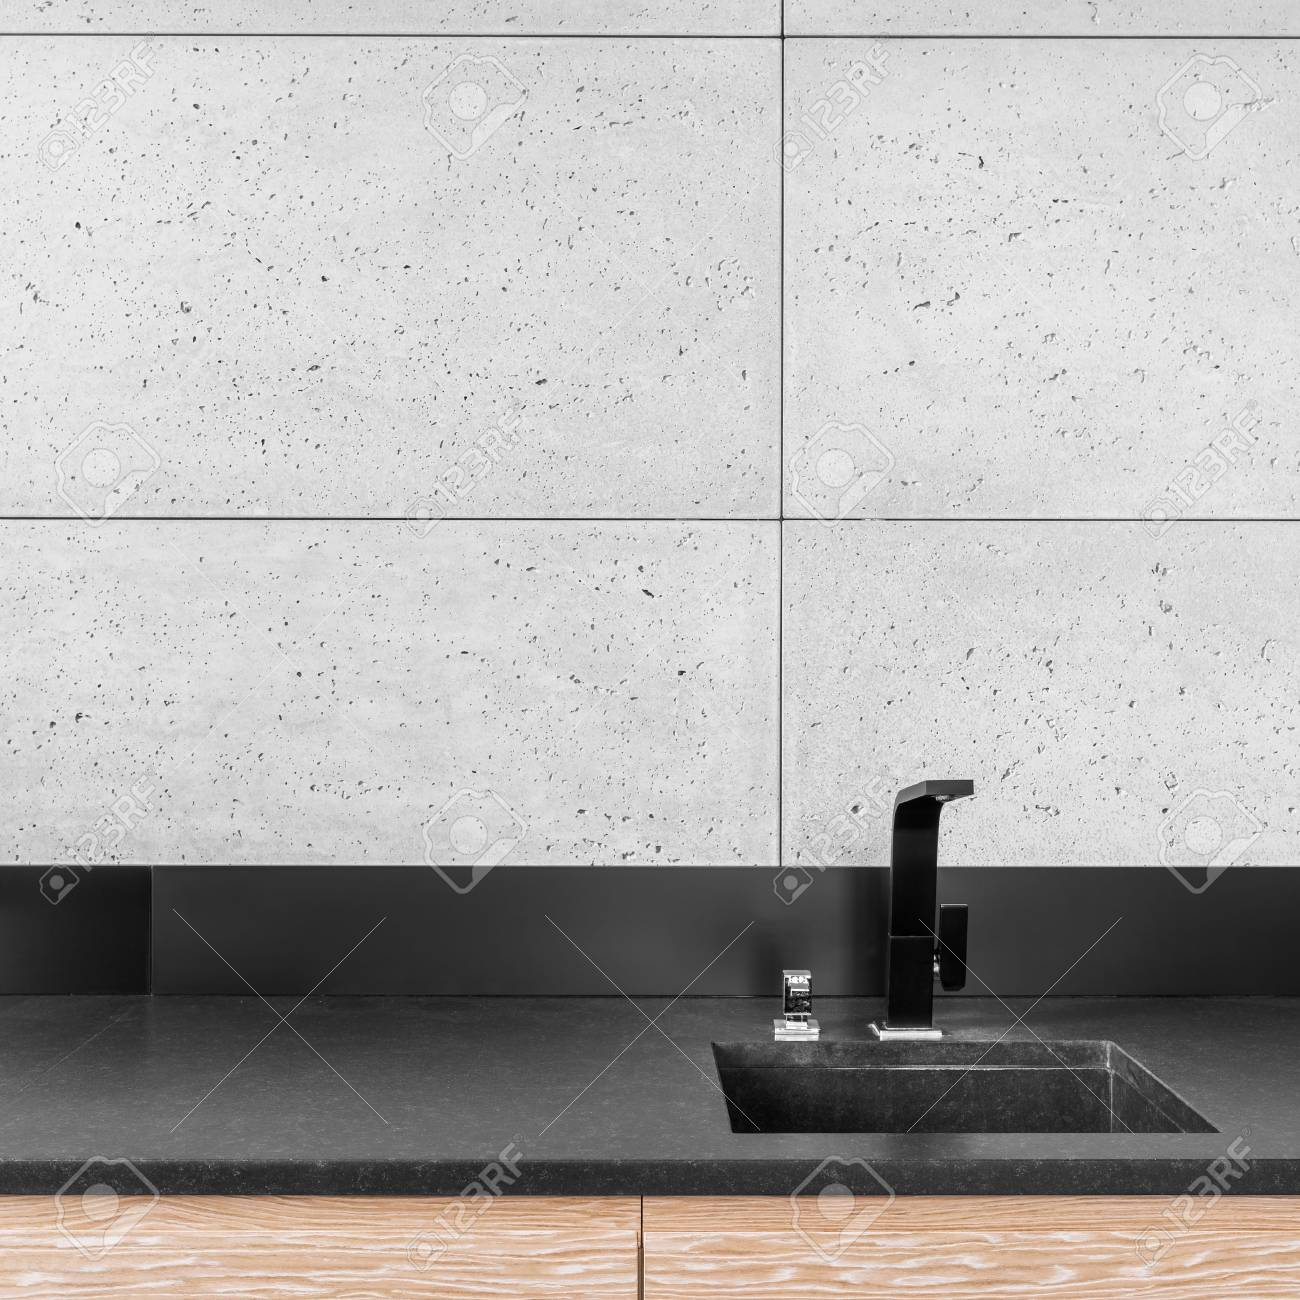 cuisine moderne avec carrelage mural gris plan de travail noir evier et robinet